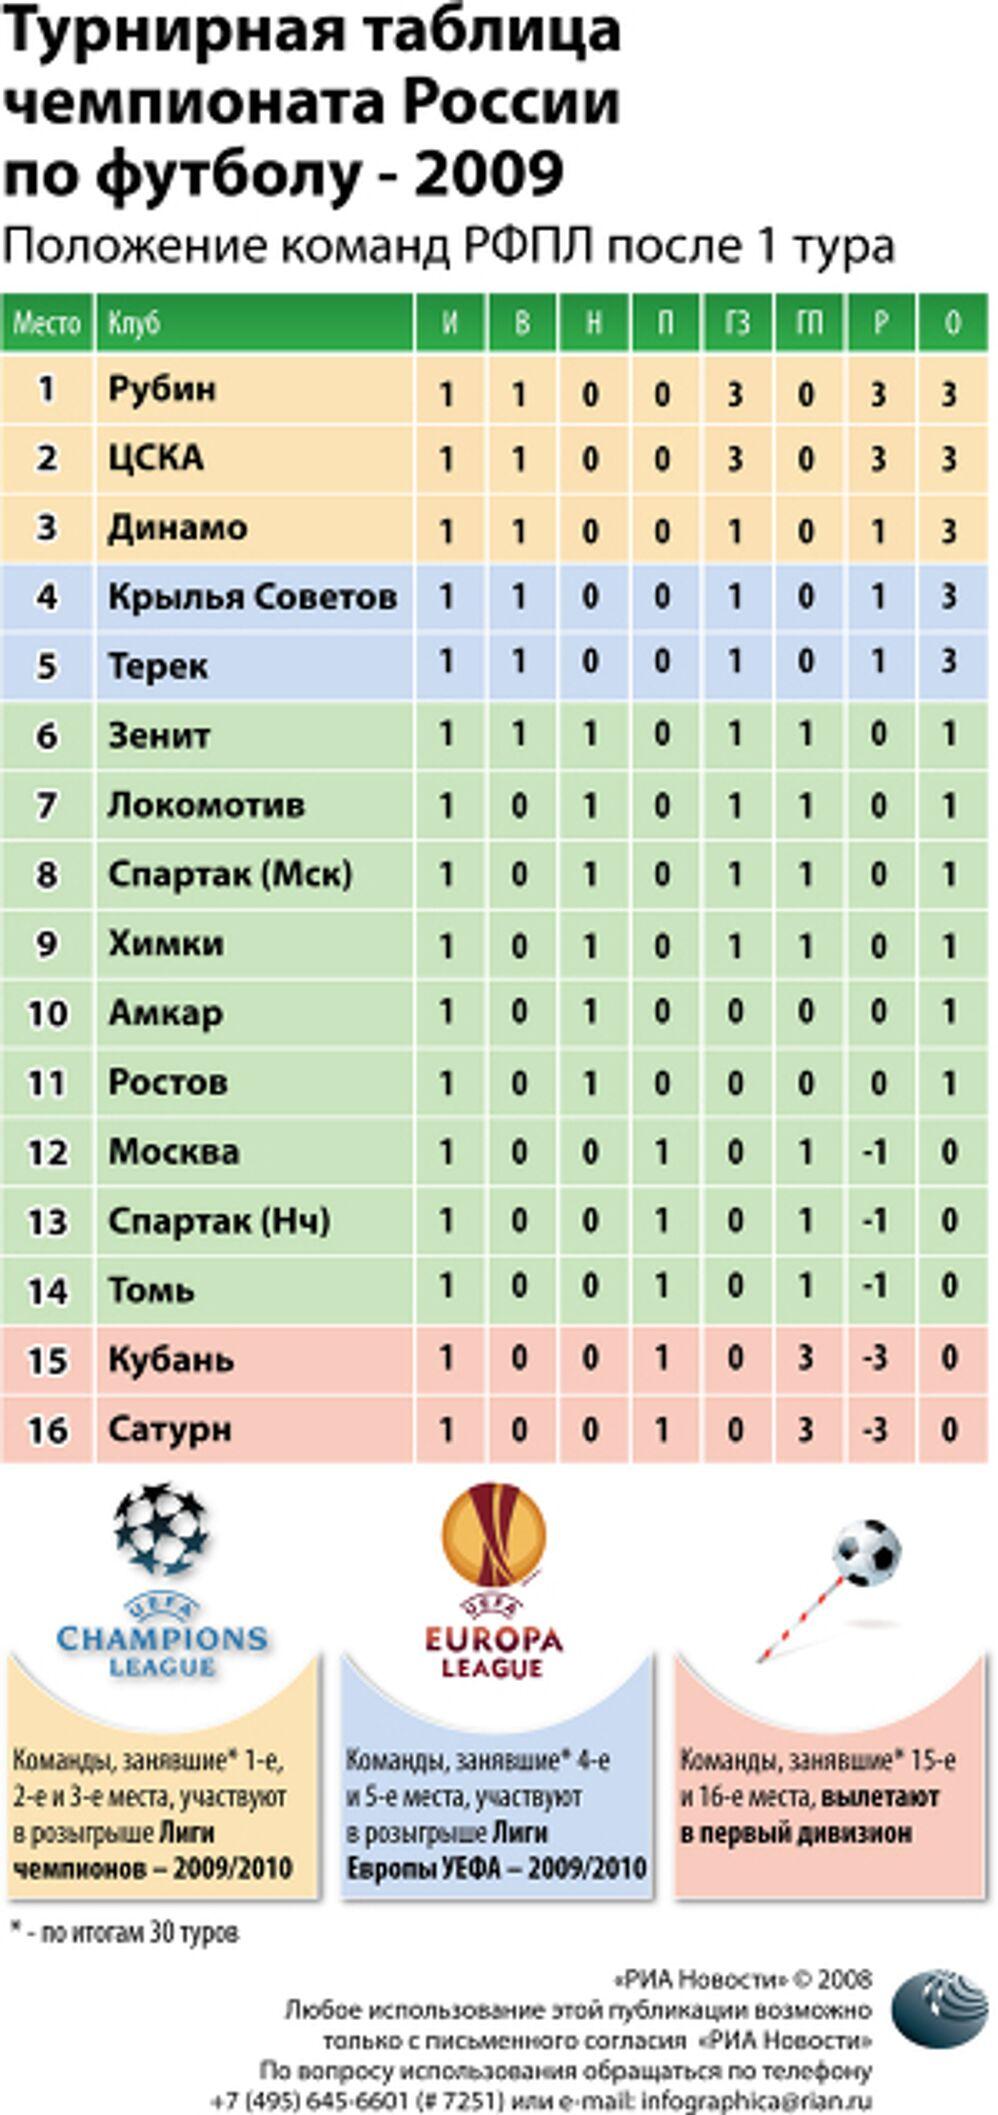 Турнирная таблица чемпионата России по футболу - 2009